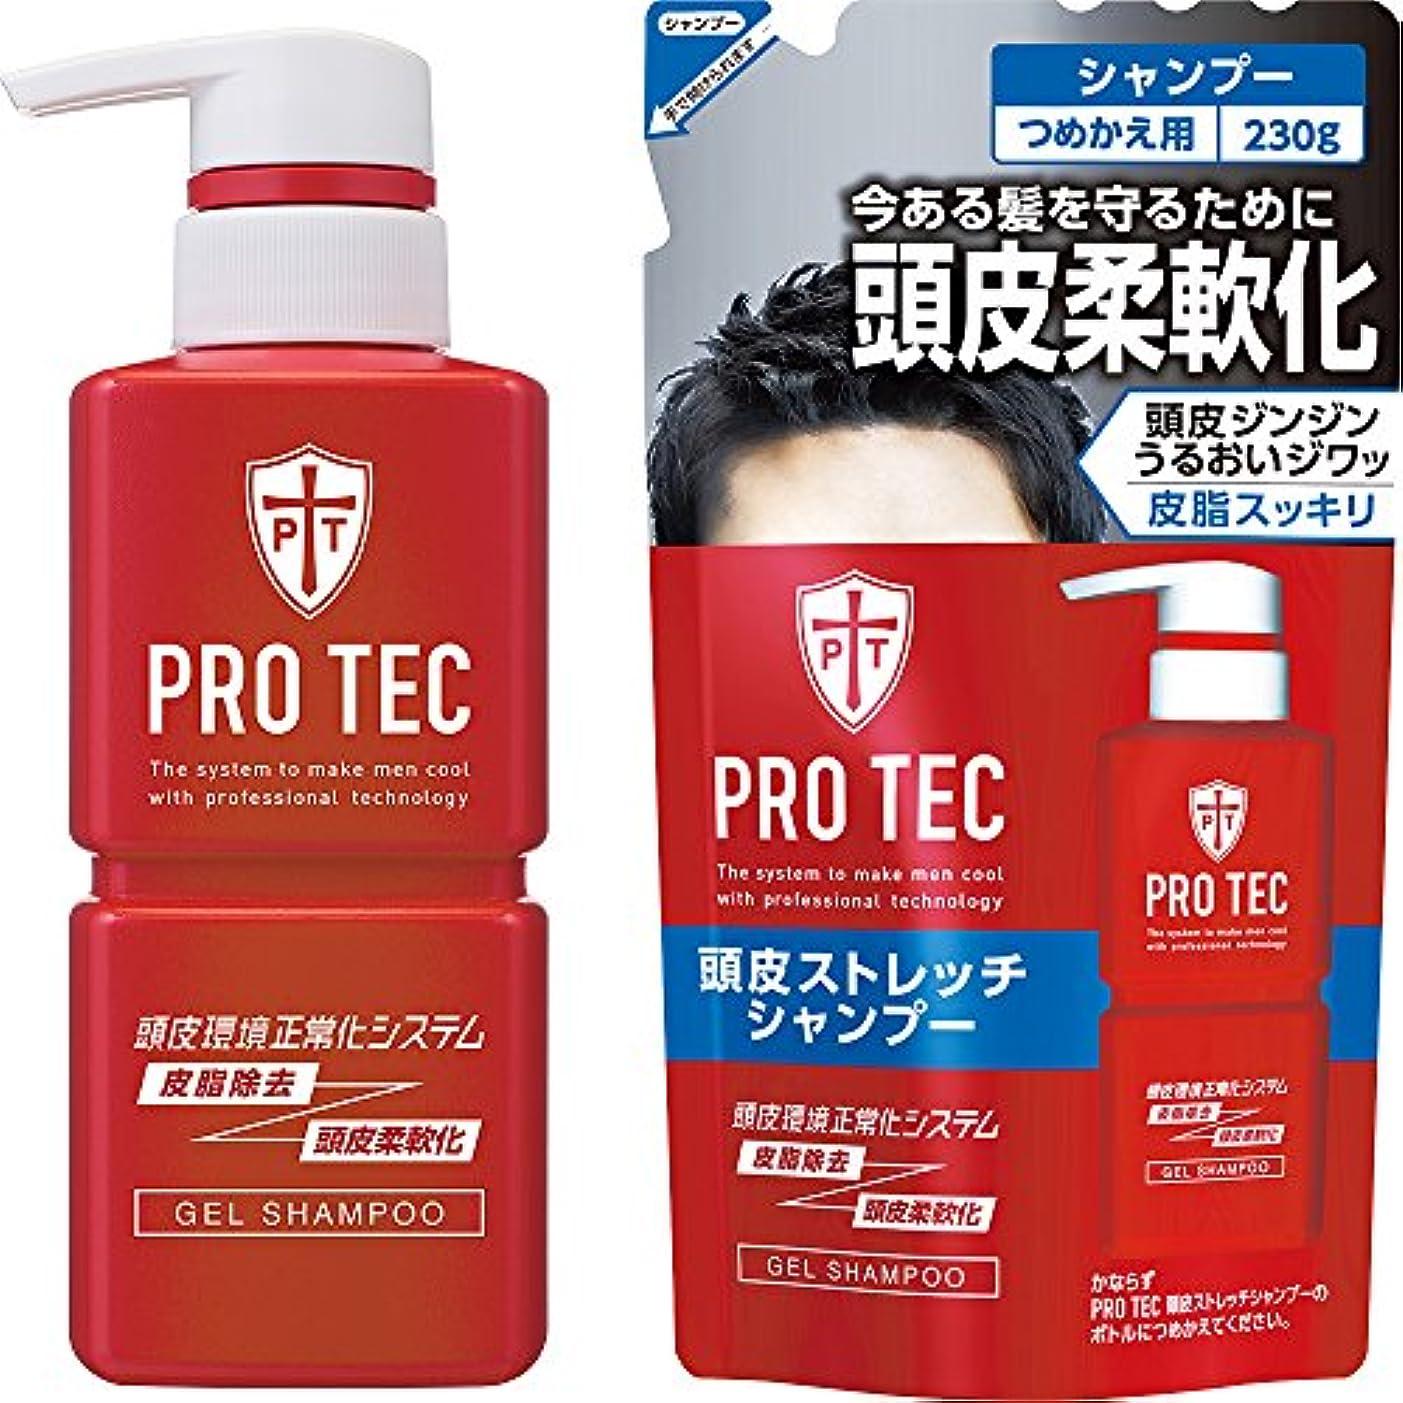 シーサイドナラーバー通行料金PRO TEC(プロテク) 頭皮ストレッチシャンプー 本体ポンプ300g+詰め替え230g セット(医薬部外品)